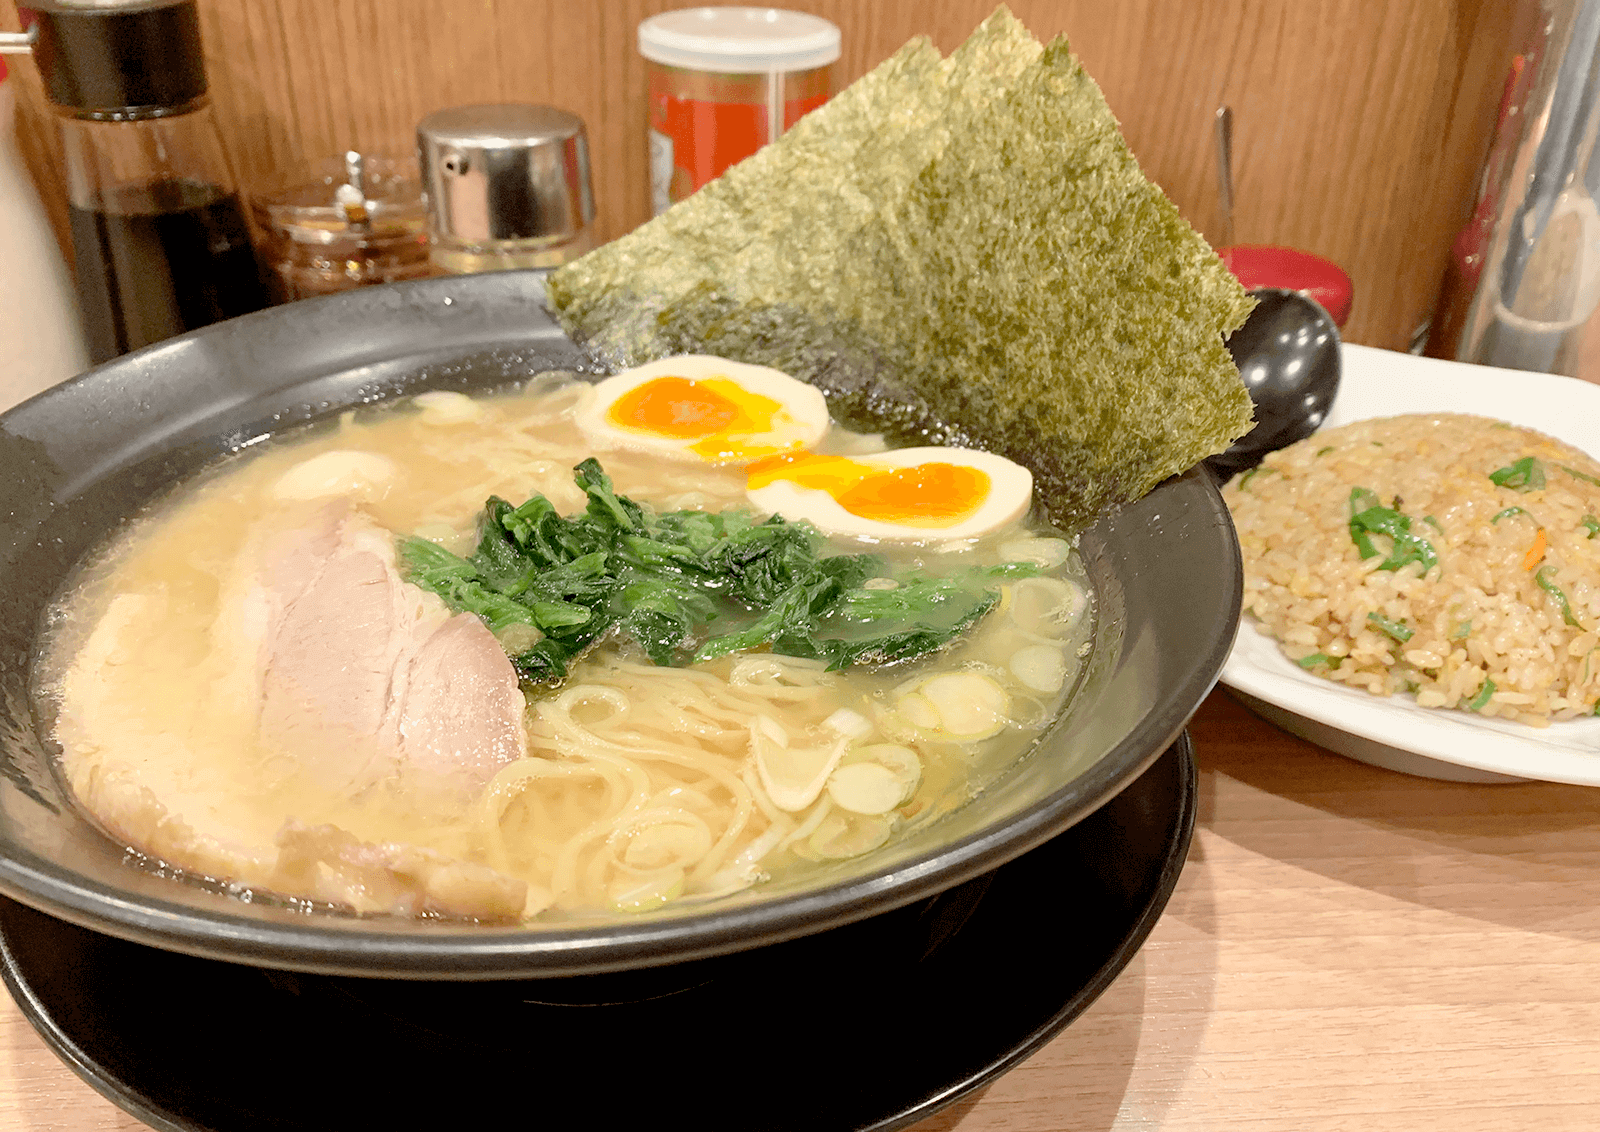 麺屋 昴 新大阪店 とんこつ醤油らーめん+半炒飯セット